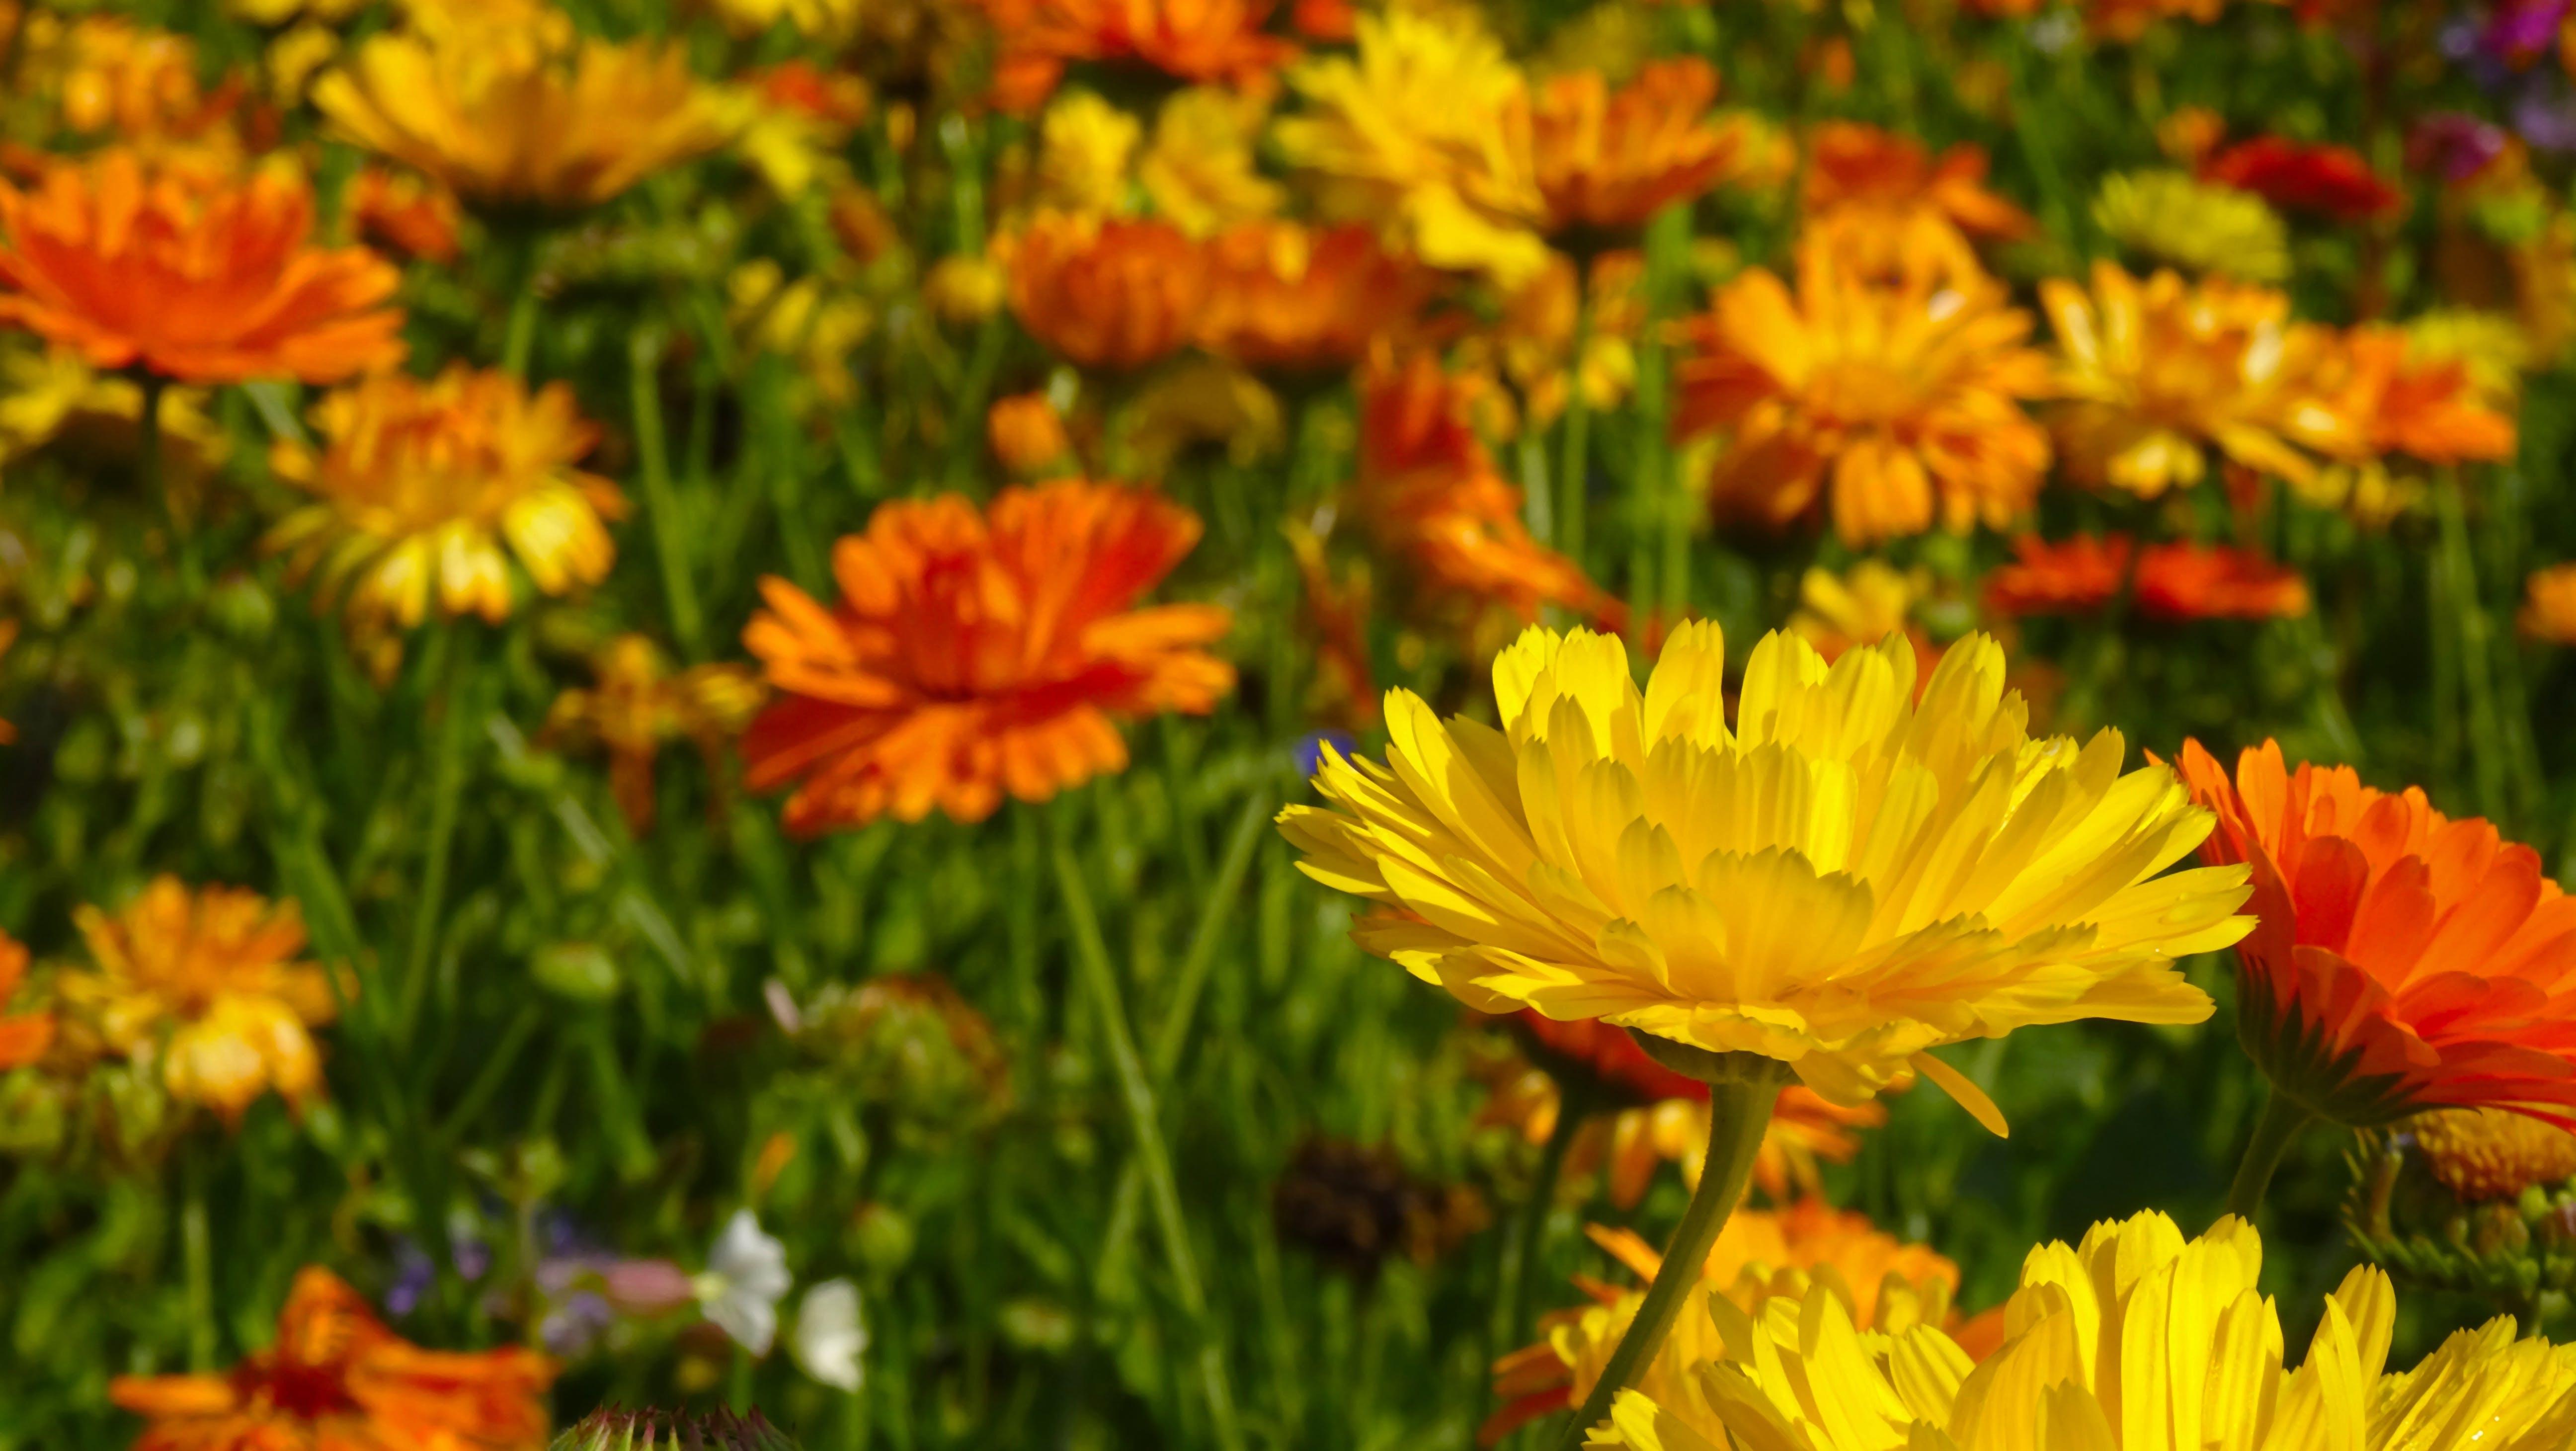 Gratis arkivbilde med appelsin, blomster, blomstereng, gul